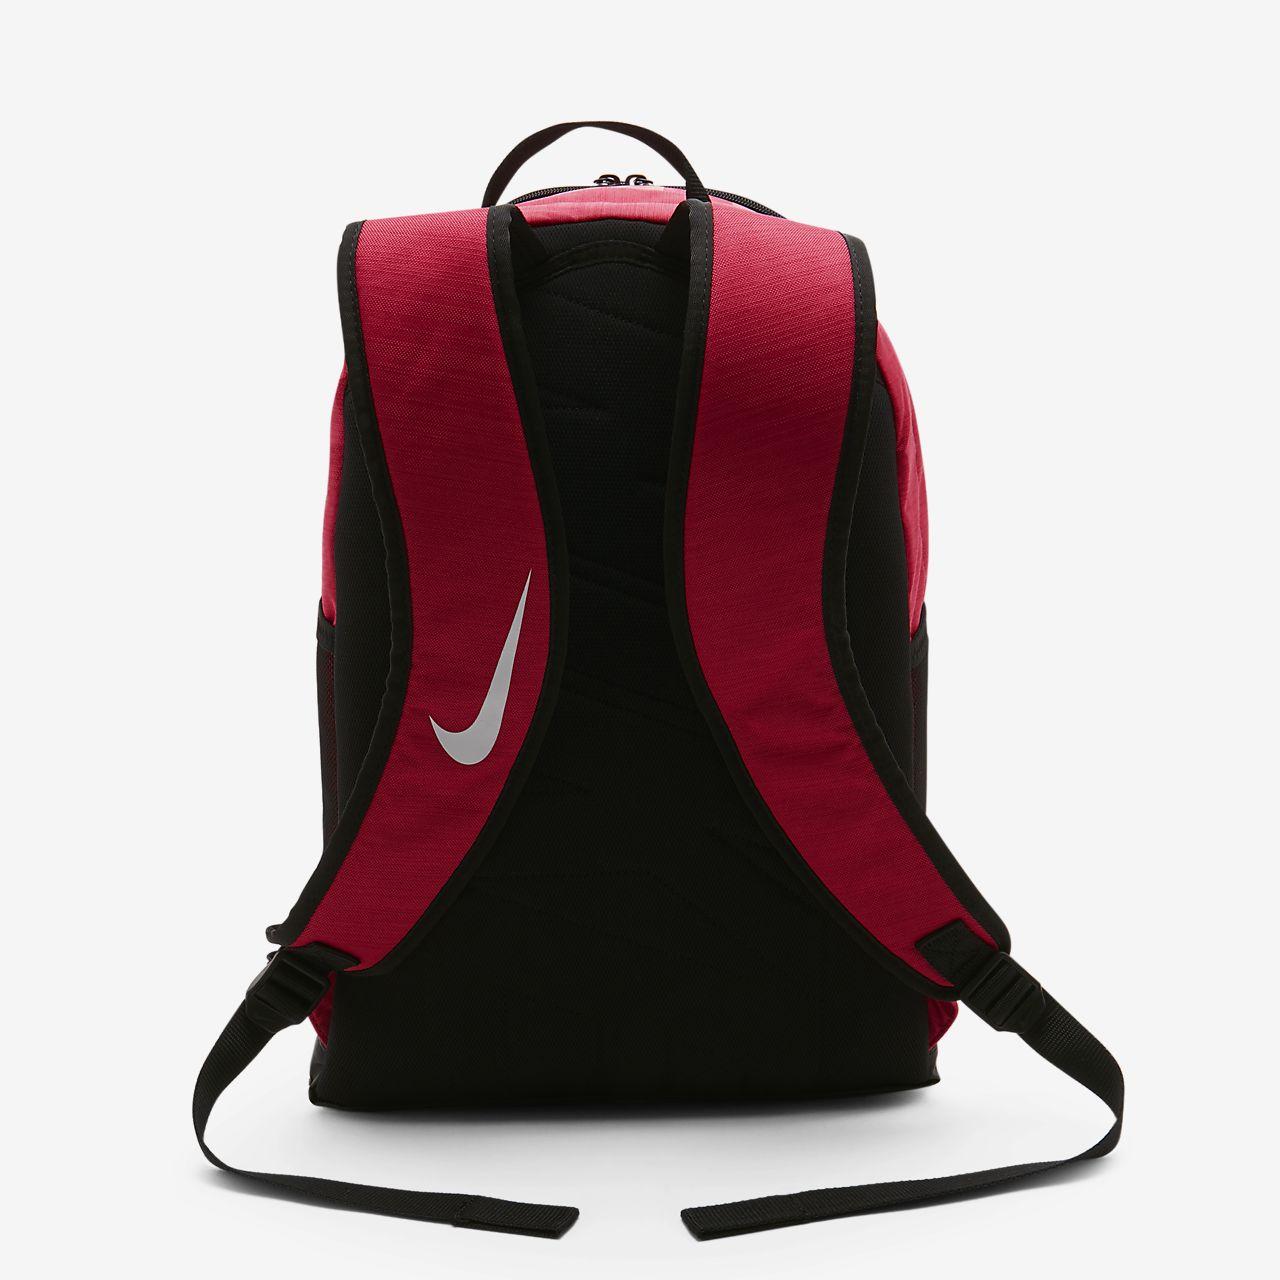 c06ed6548 Nike Brasilia (Medium) Training Backpack. Nike.com AU